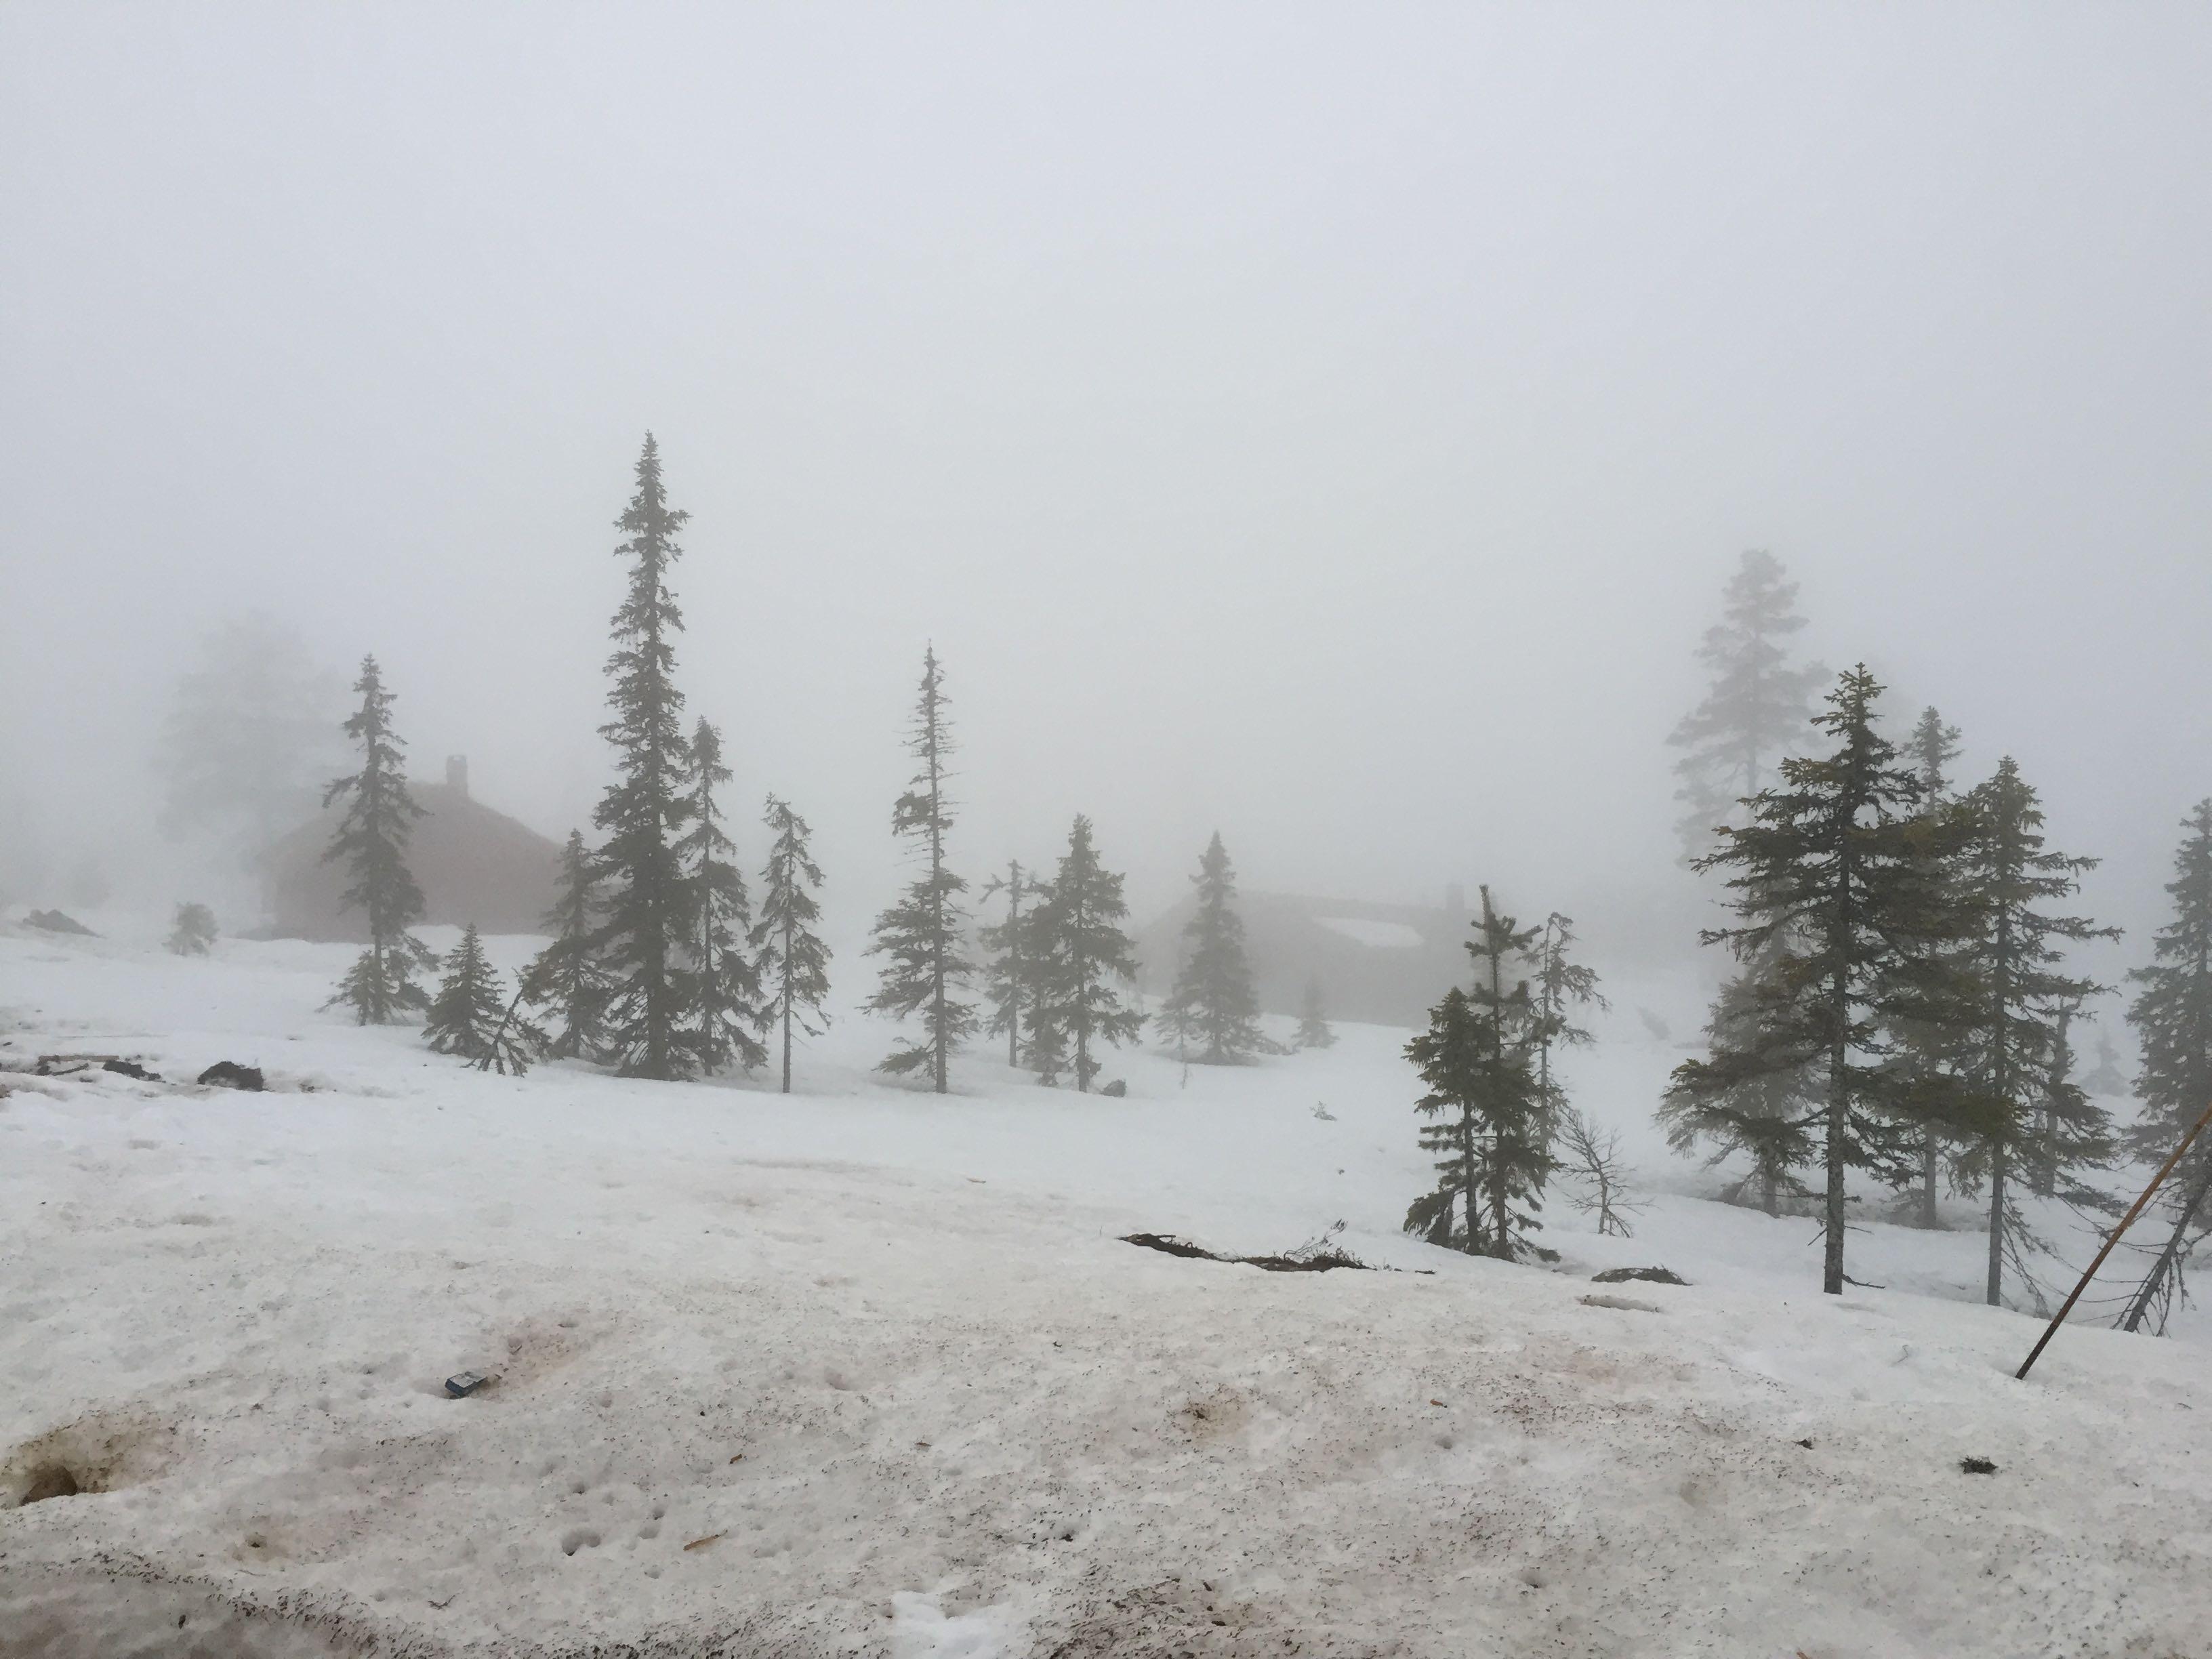 Tåke skal visstnok smelte snø raskere, så yay for tåke!